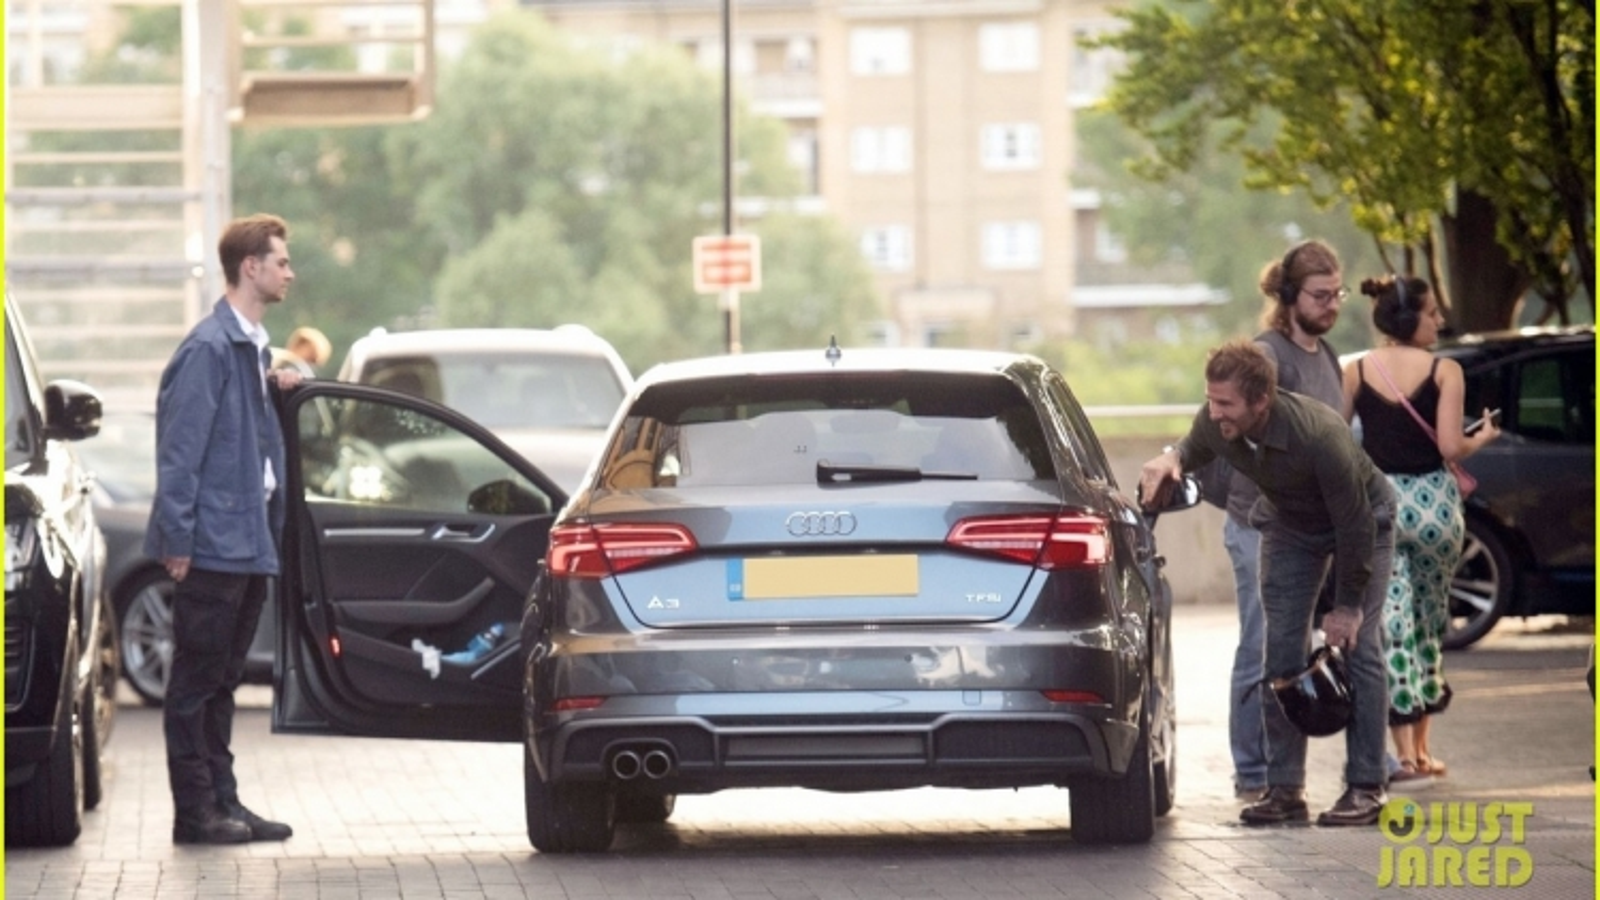 David Beckham tươi cười cúi chào diễn viên huyền thoại Michael Caine qua cửa kính ô tô